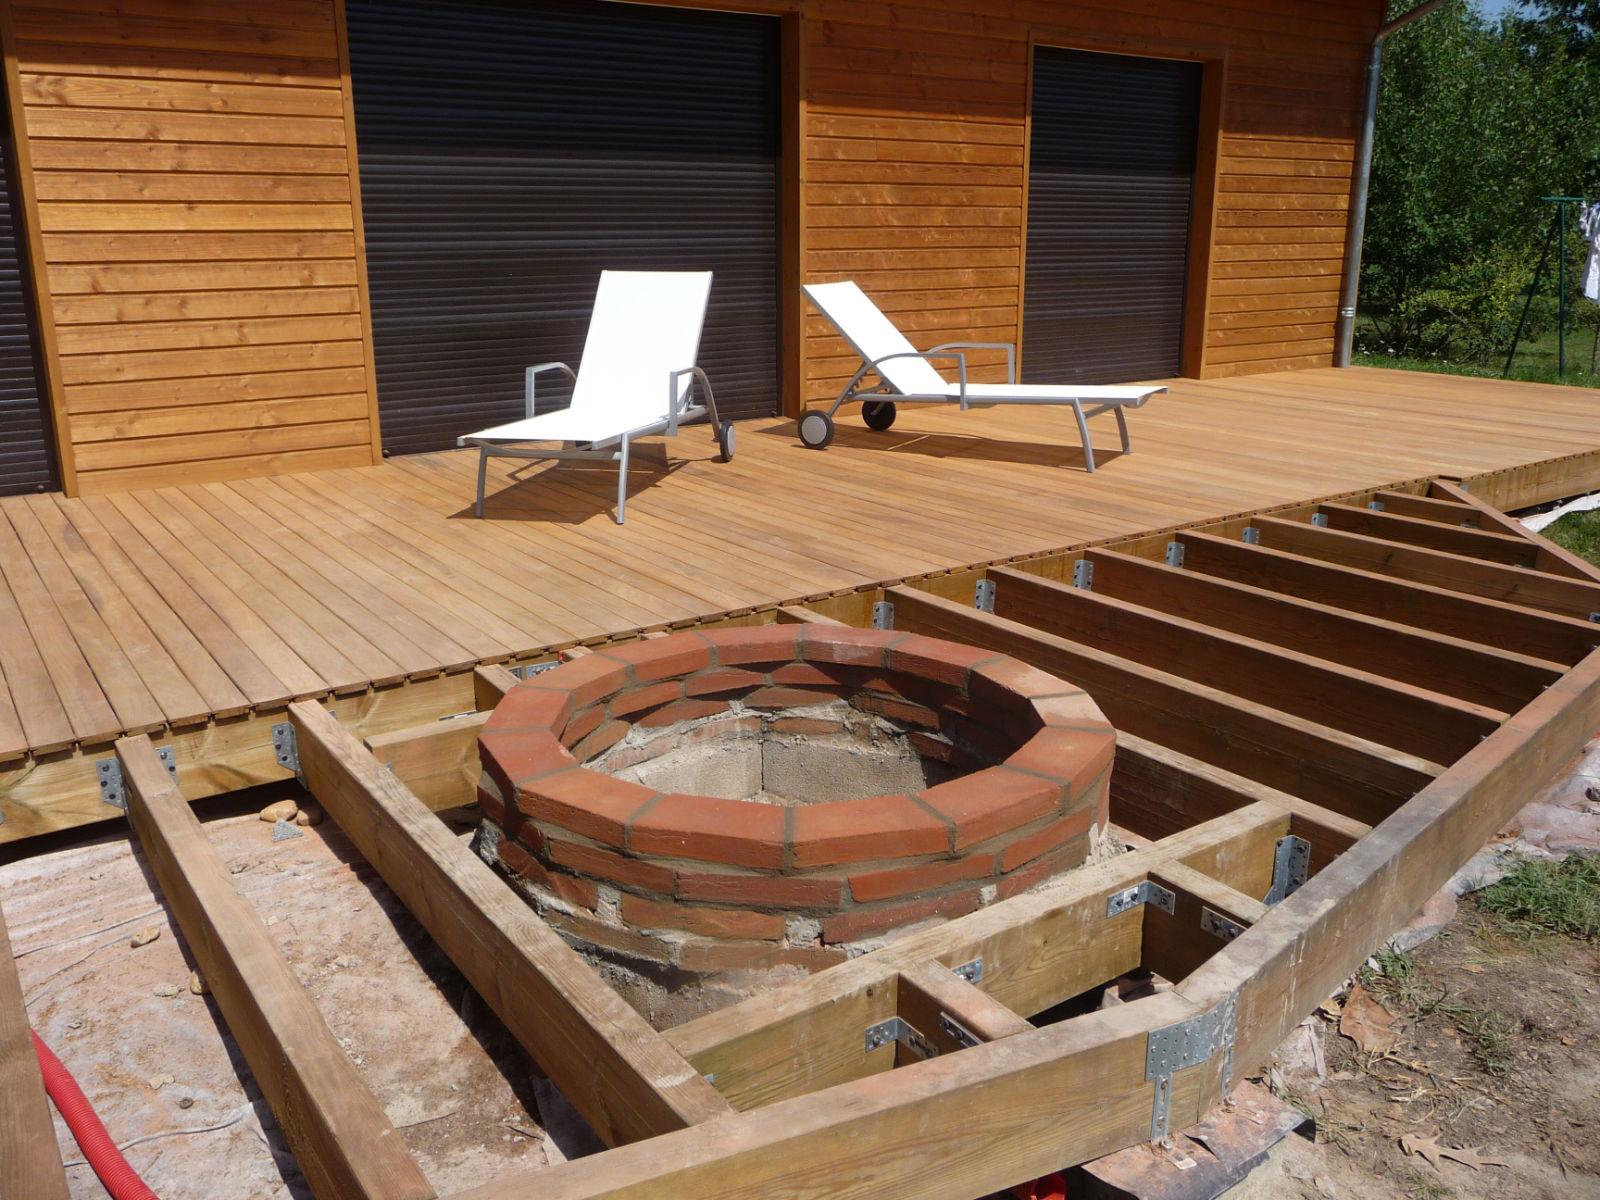 construction d 39 une terrasse en bois construction d 39 une jardini re en briques foraines. Black Bedroom Furniture Sets. Home Design Ideas